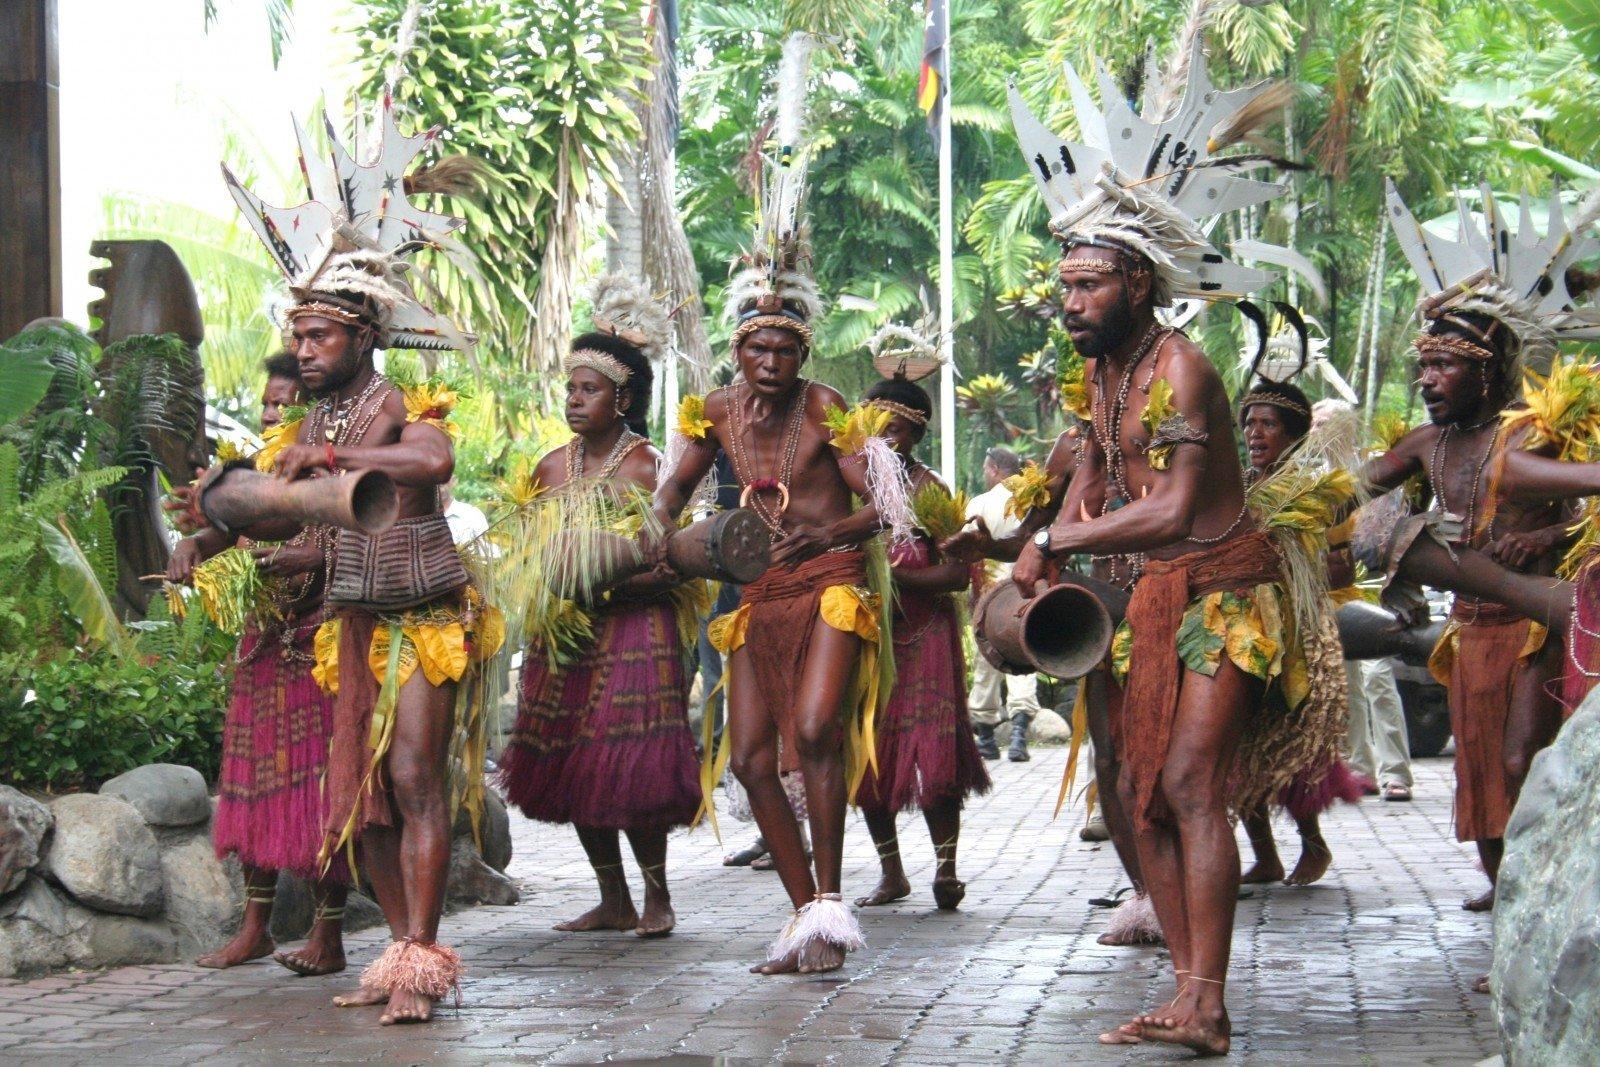 Племя которое занимается сексом